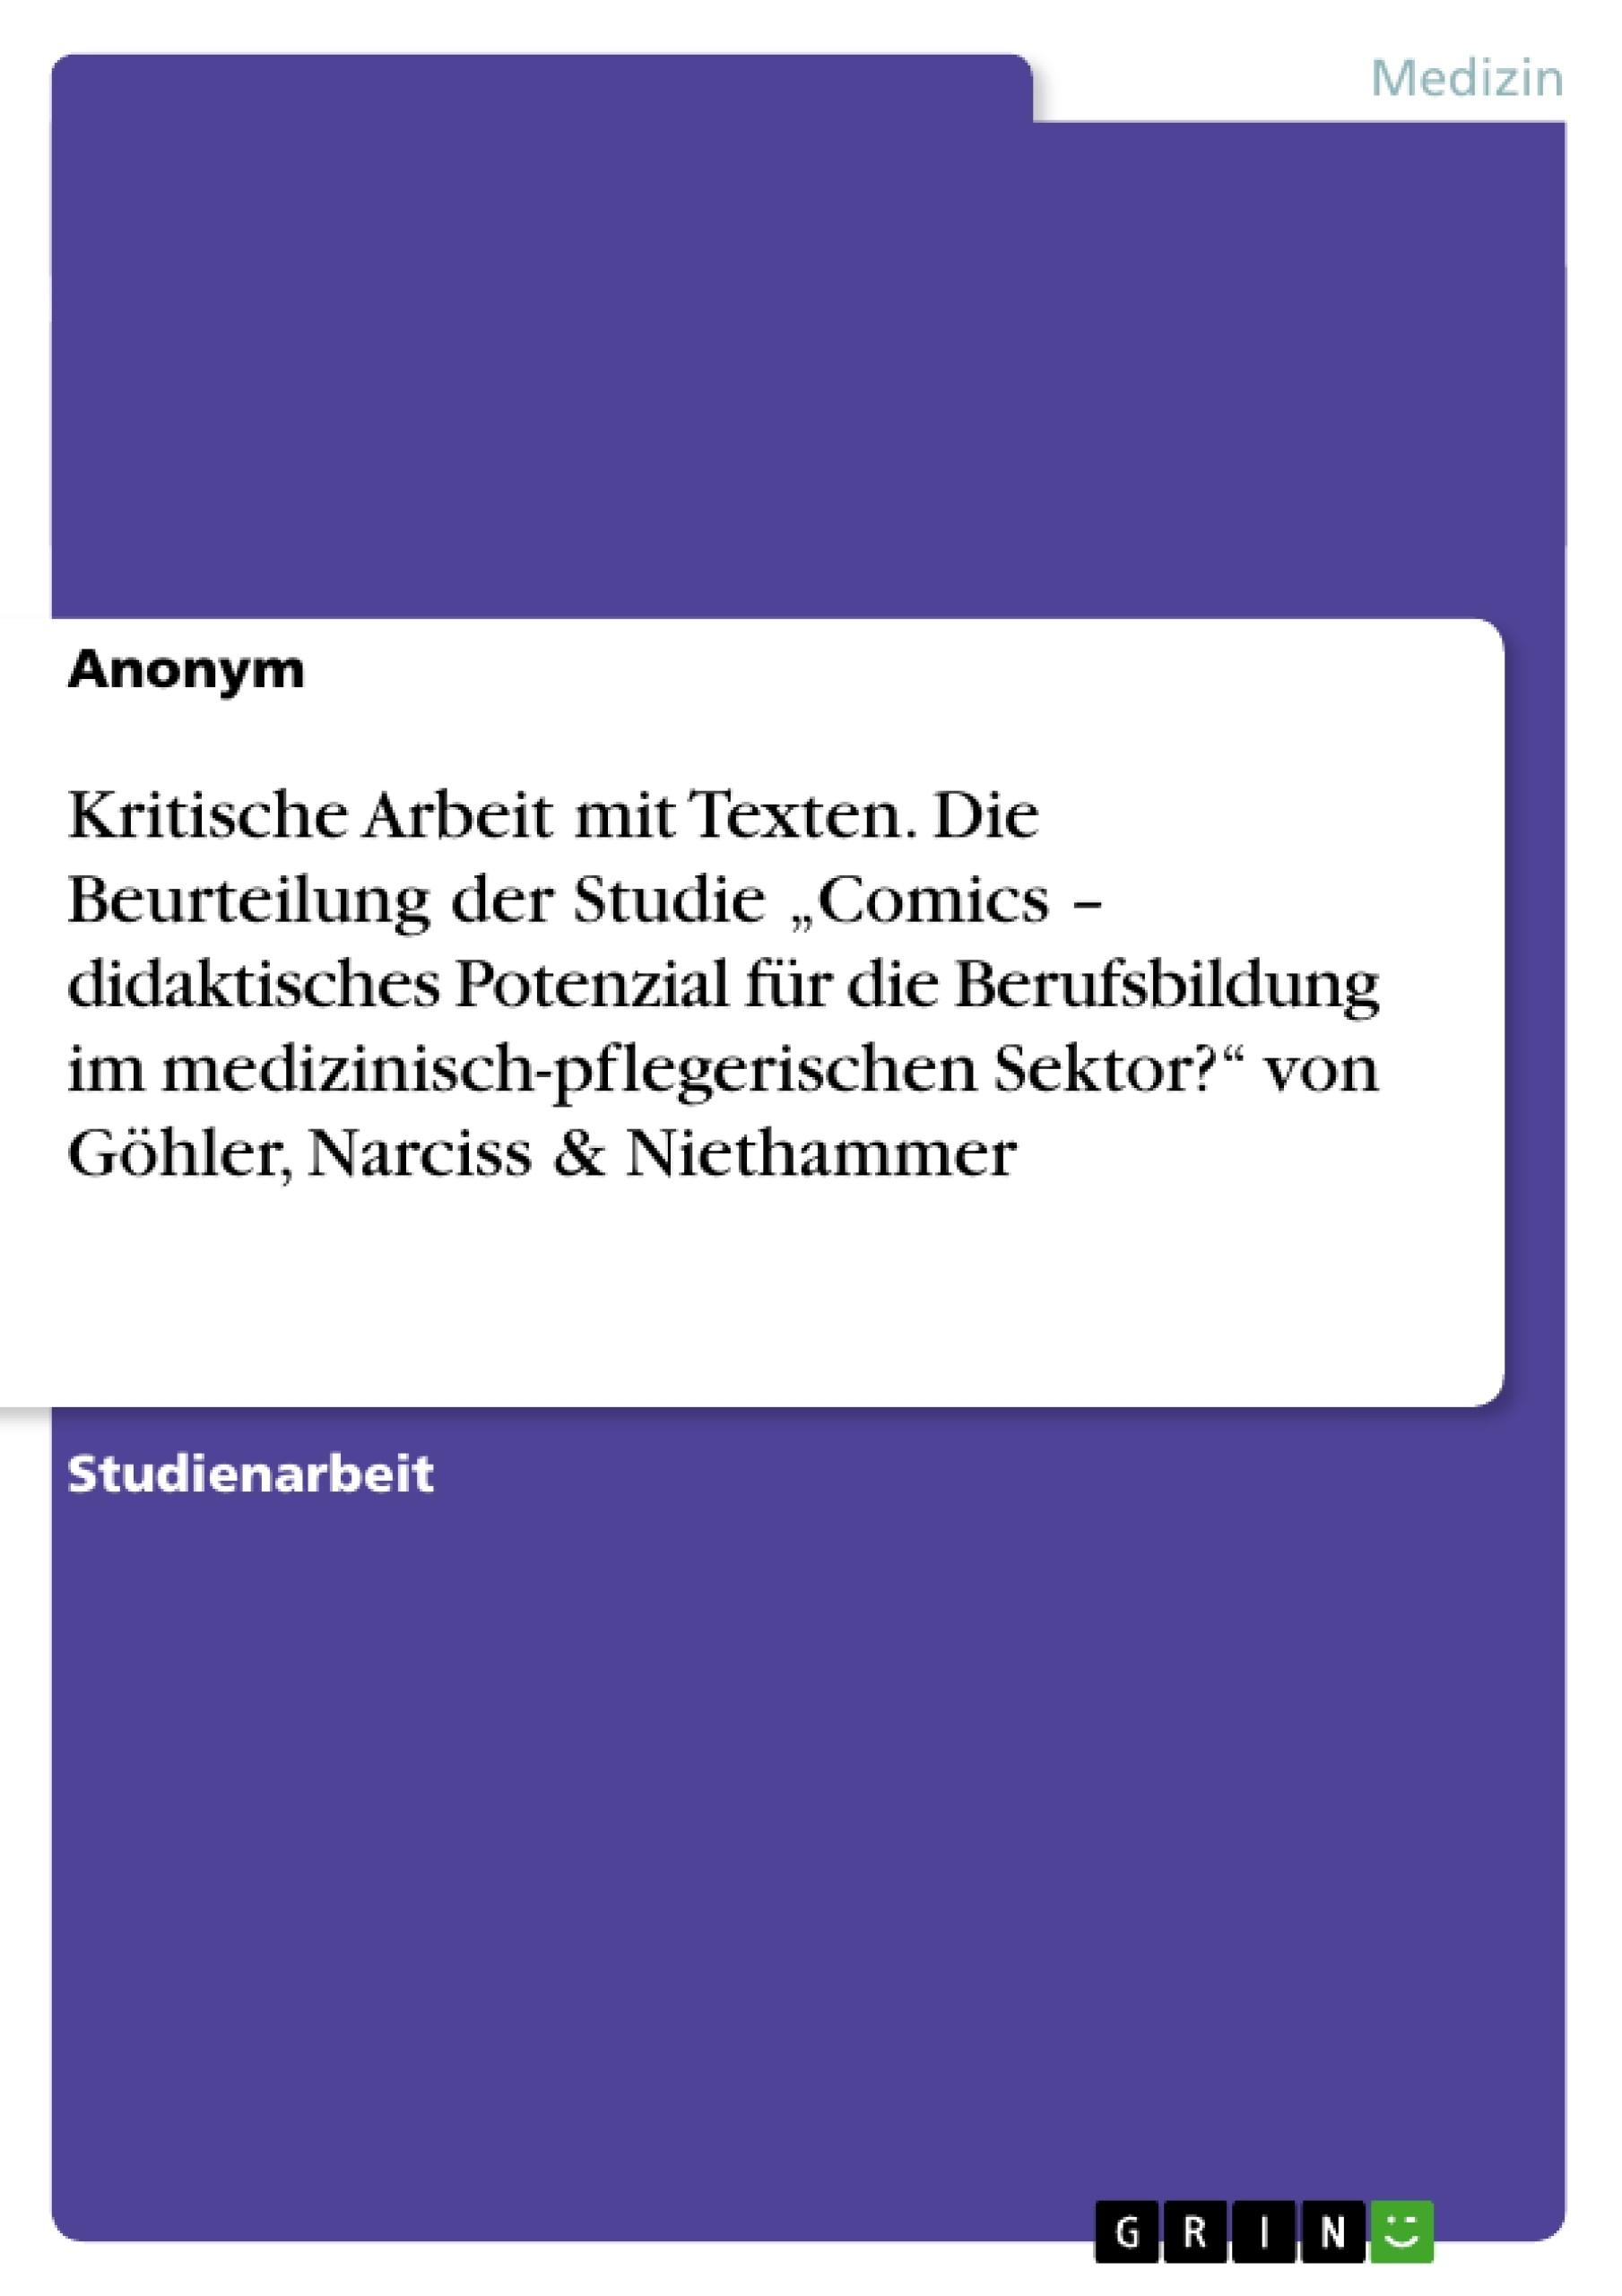 """Titel: Kritische Arbeit mit Texten. Die Beurteilung der Studie """"Comics – didaktisches Potenzial für die Berufsbildung im medizinisch-pflegerischen Sektor?"""" von Göhler, Narciss & Niethammer"""